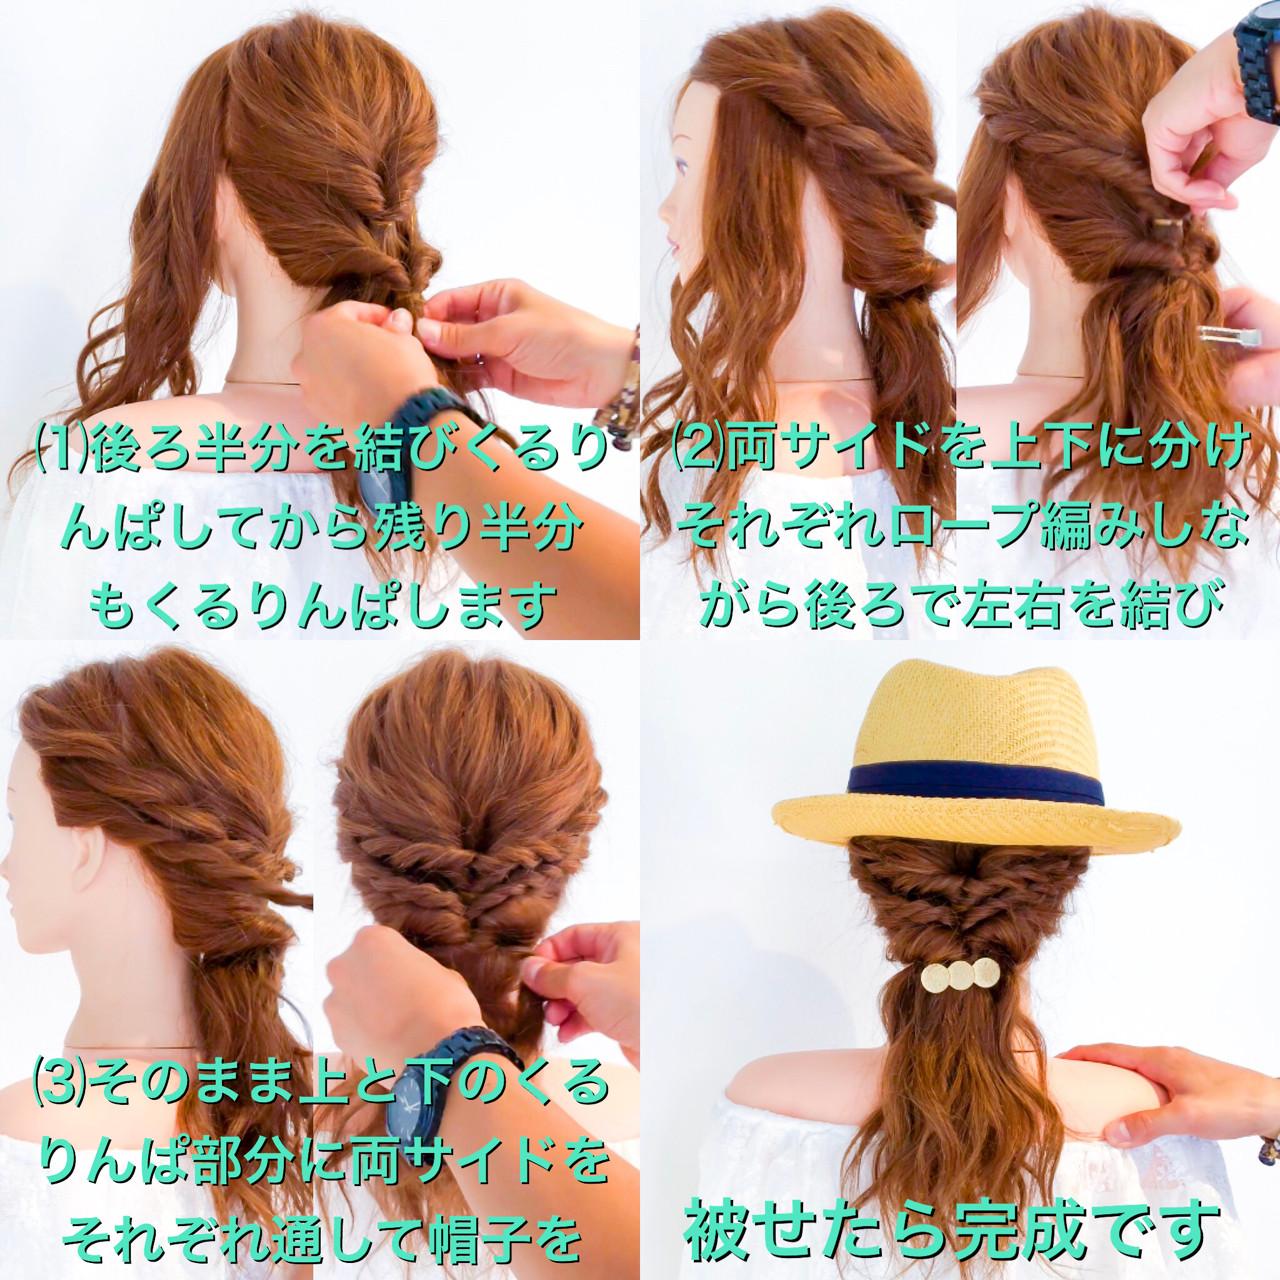 エレガント デート ロング 簡単ヘアアレンジ ヘアスタイルや髪型の写真・画像 | 美容師HIRO/Amoute代表 / Amoute/アムティ